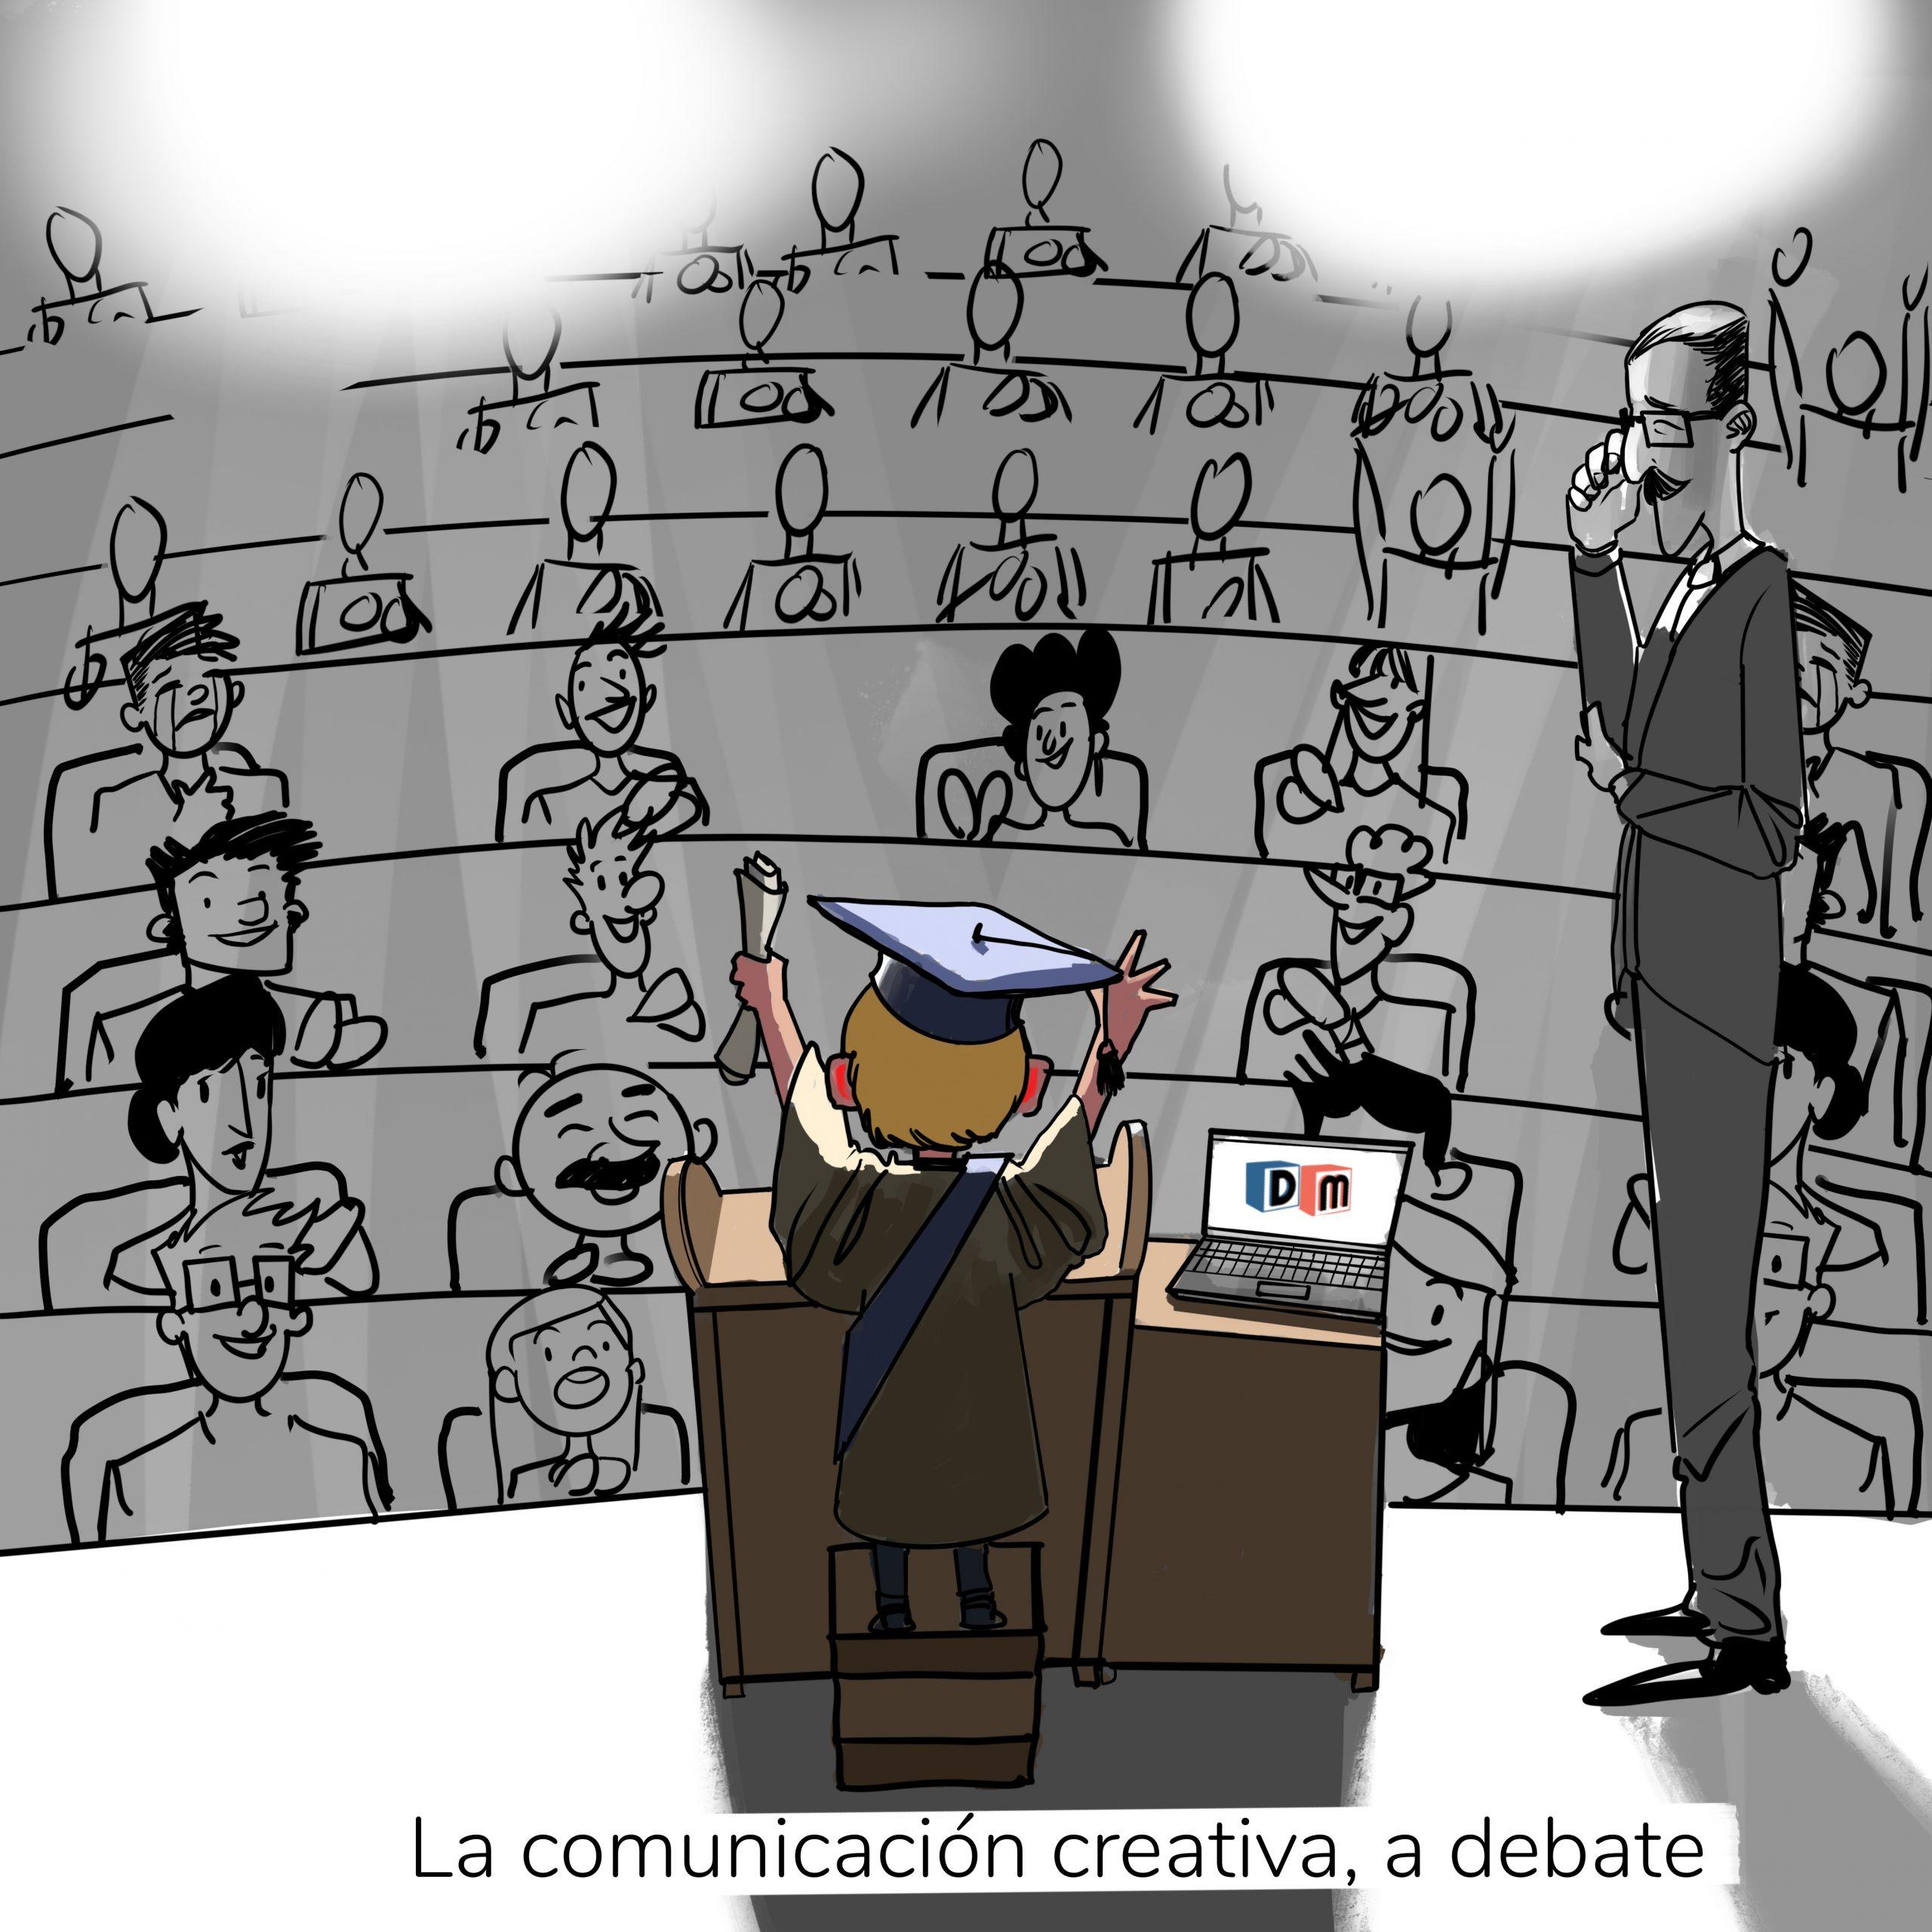 David Mora_Viñeta 16_La comunicación creativa a debate